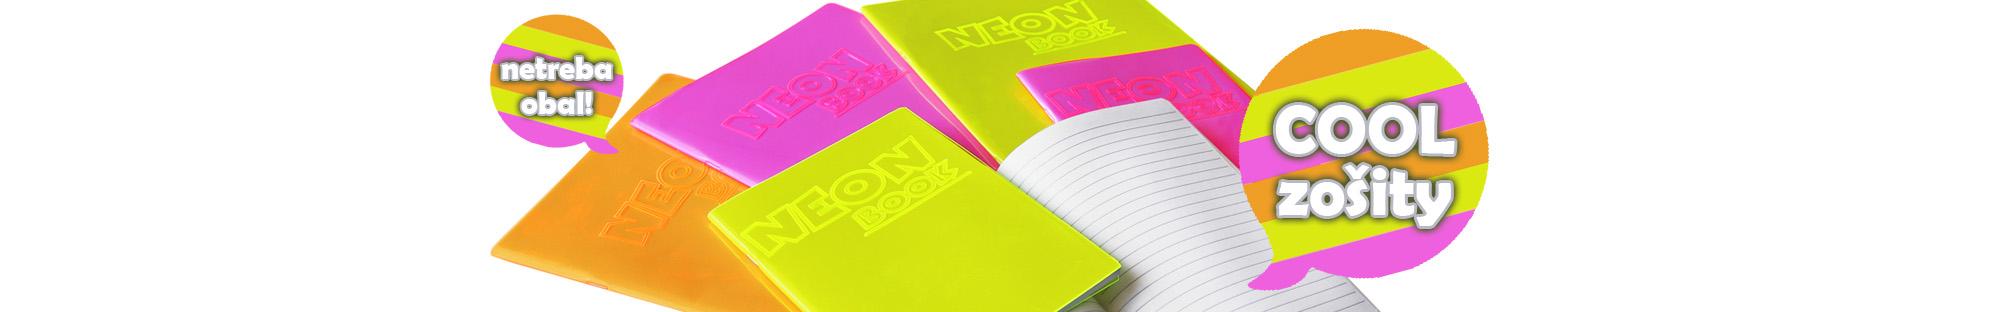 Neon Books